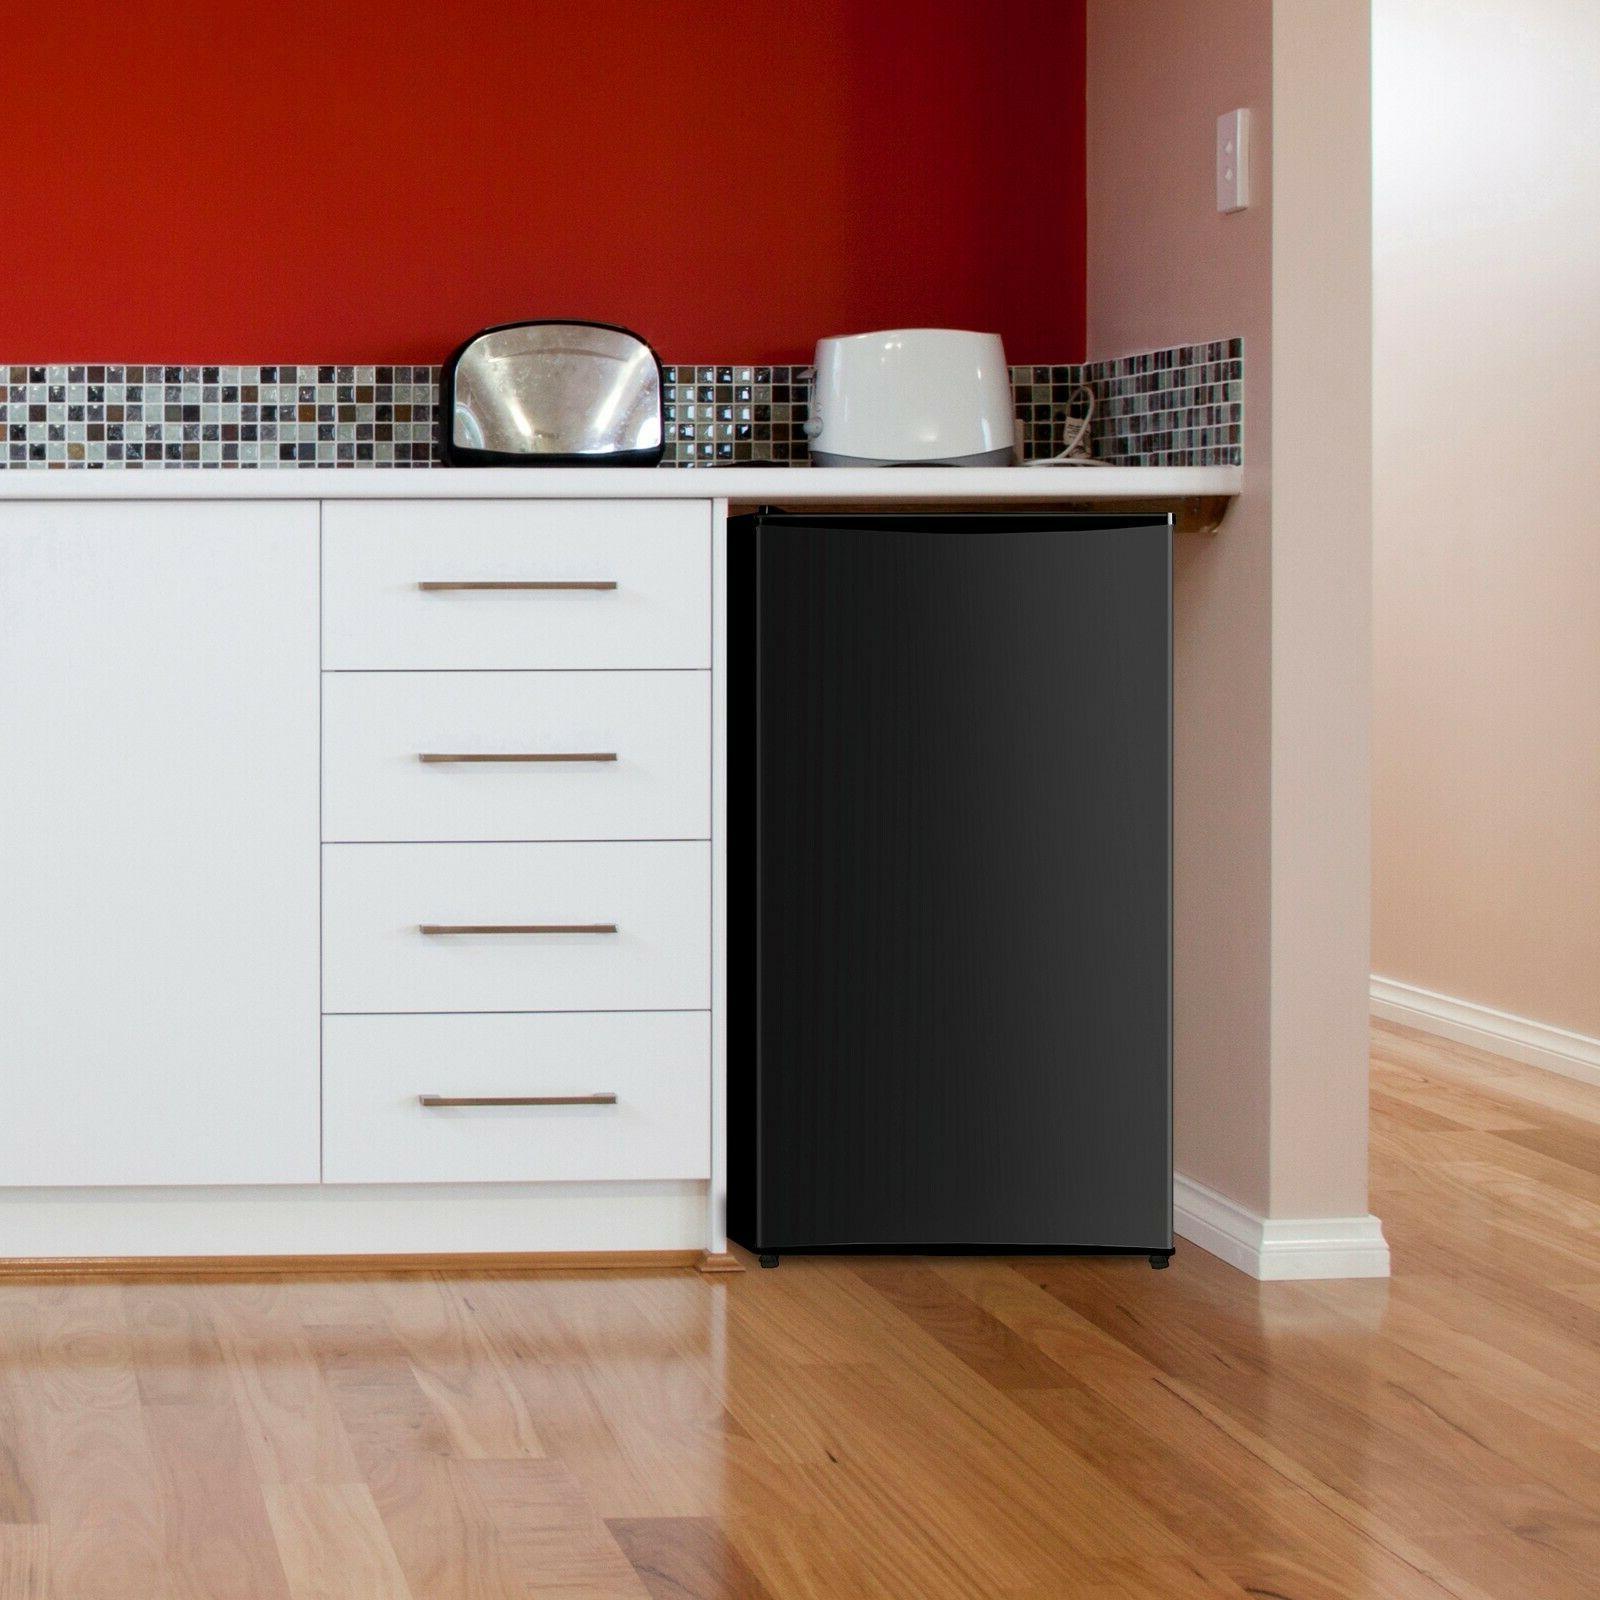 MINI FRIDGE 3.3 Cu Ft Compact Refrigerator Single Door